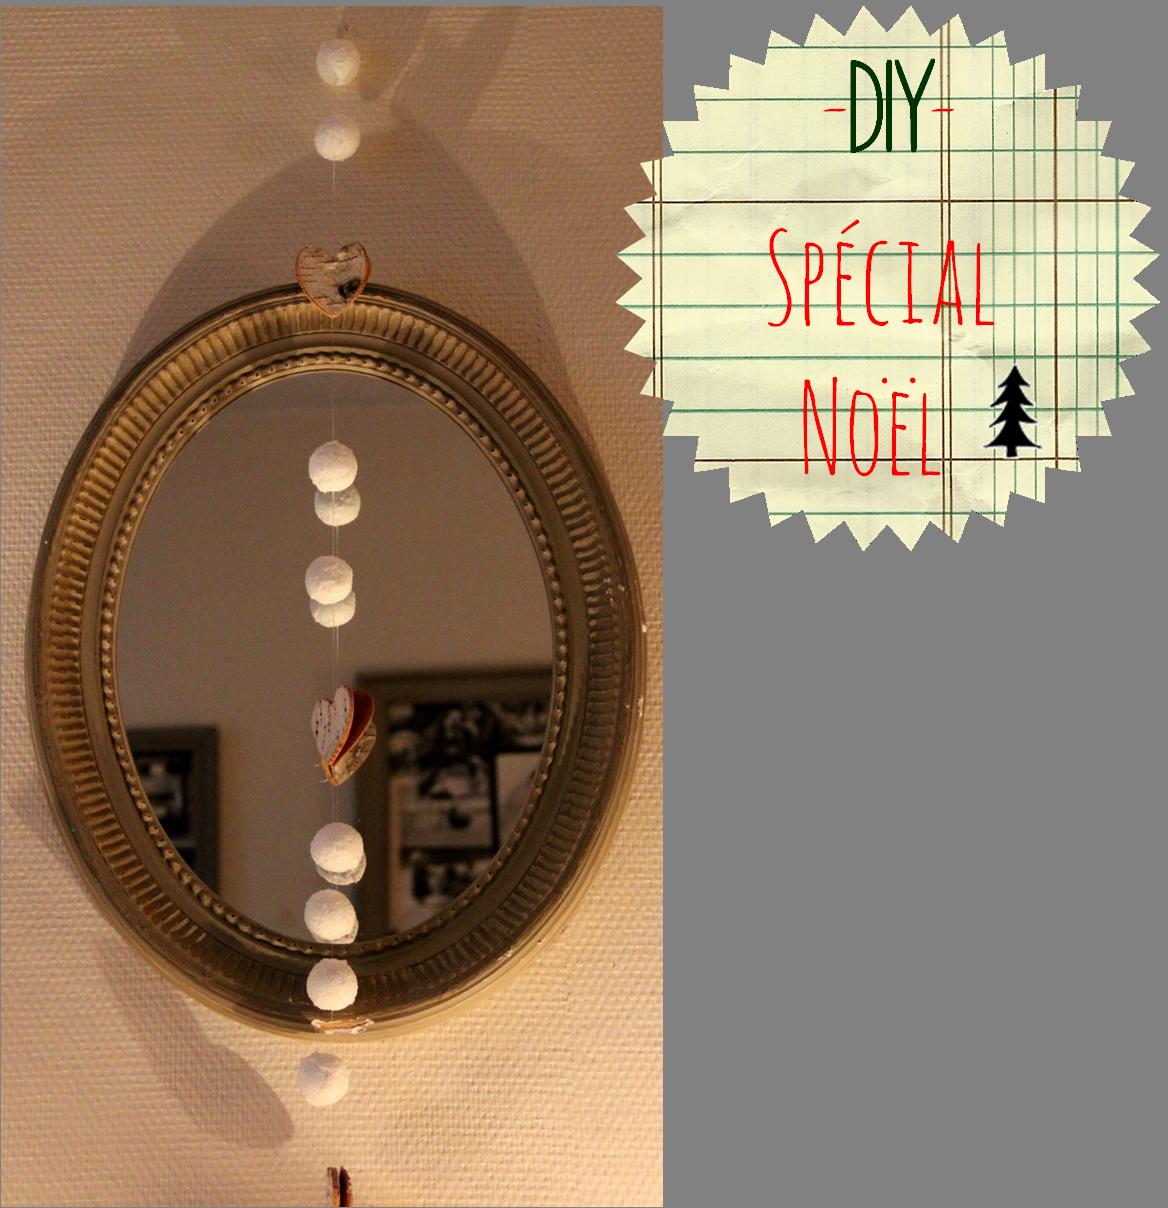 diy une guirlande de noel diy and crafts pinterest. Black Bedroom Furniture Sets. Home Design Ideas